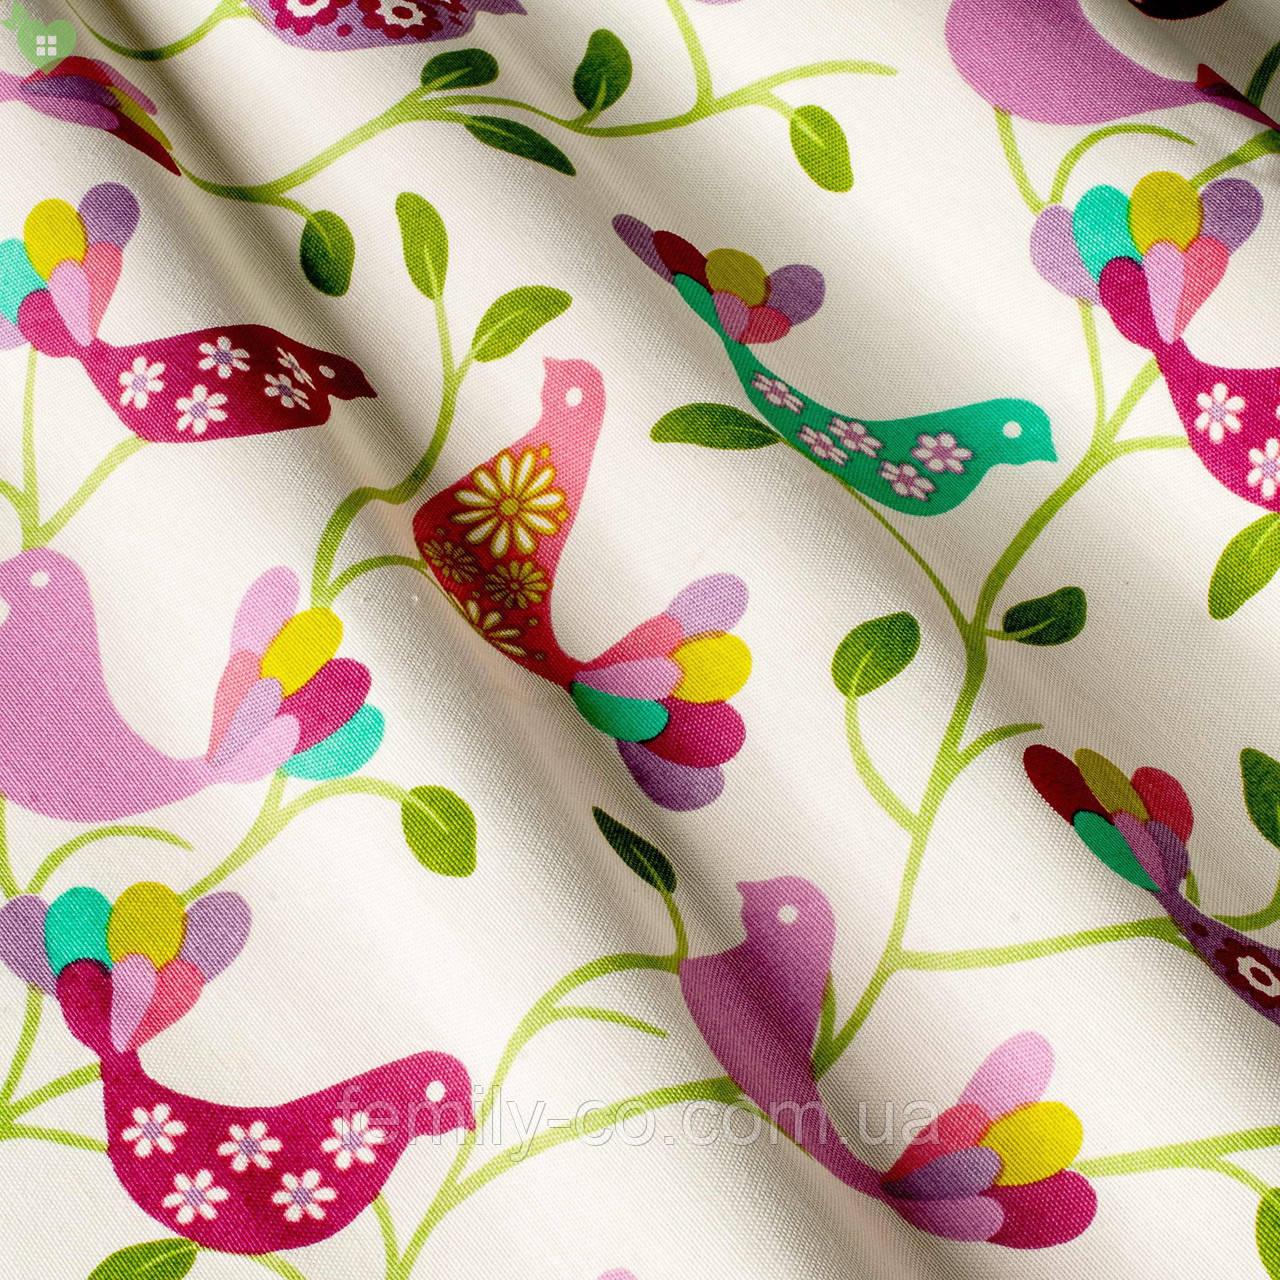 Декоративная ткань с розовыми и сиреневыми птичками белого цвета Турция 81228v2